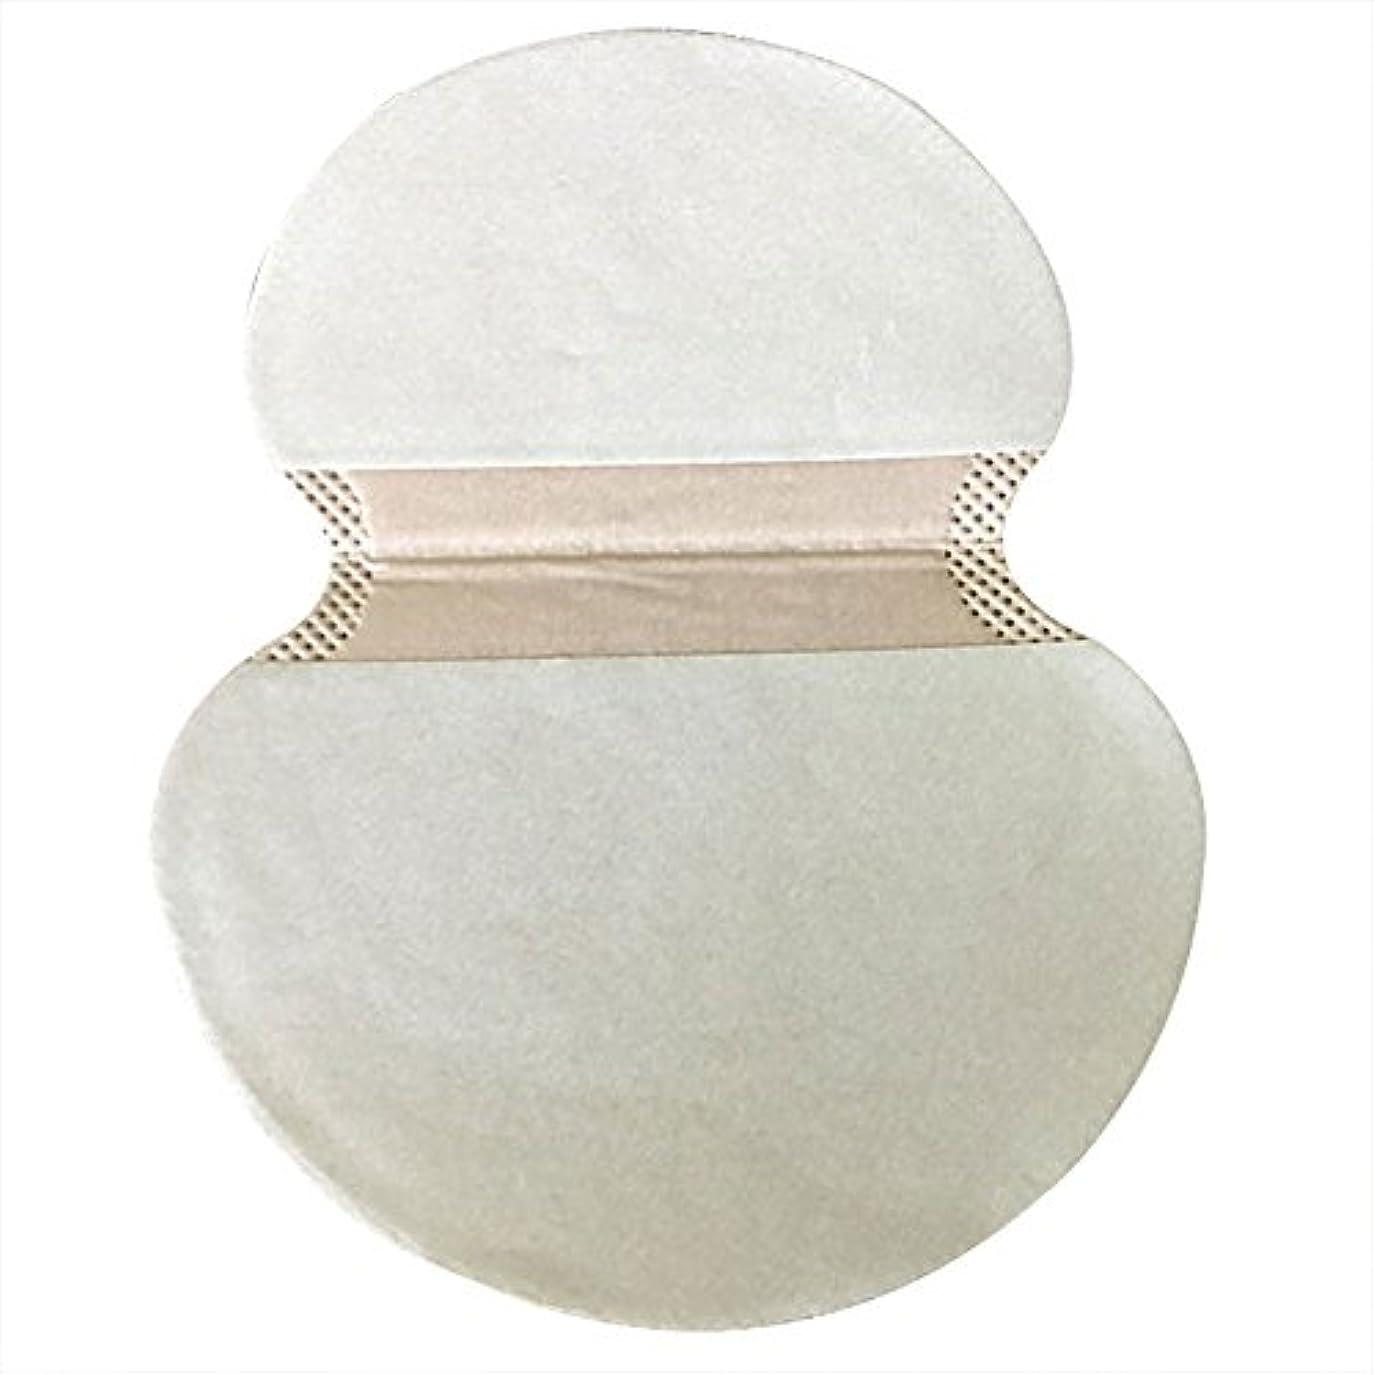 区別する予想外リッチkiirou 汗取りパッド わき汗パット 10枚セット さらさら あせジミ防止 防臭シート 無香料 メンズ レディース 大きめ